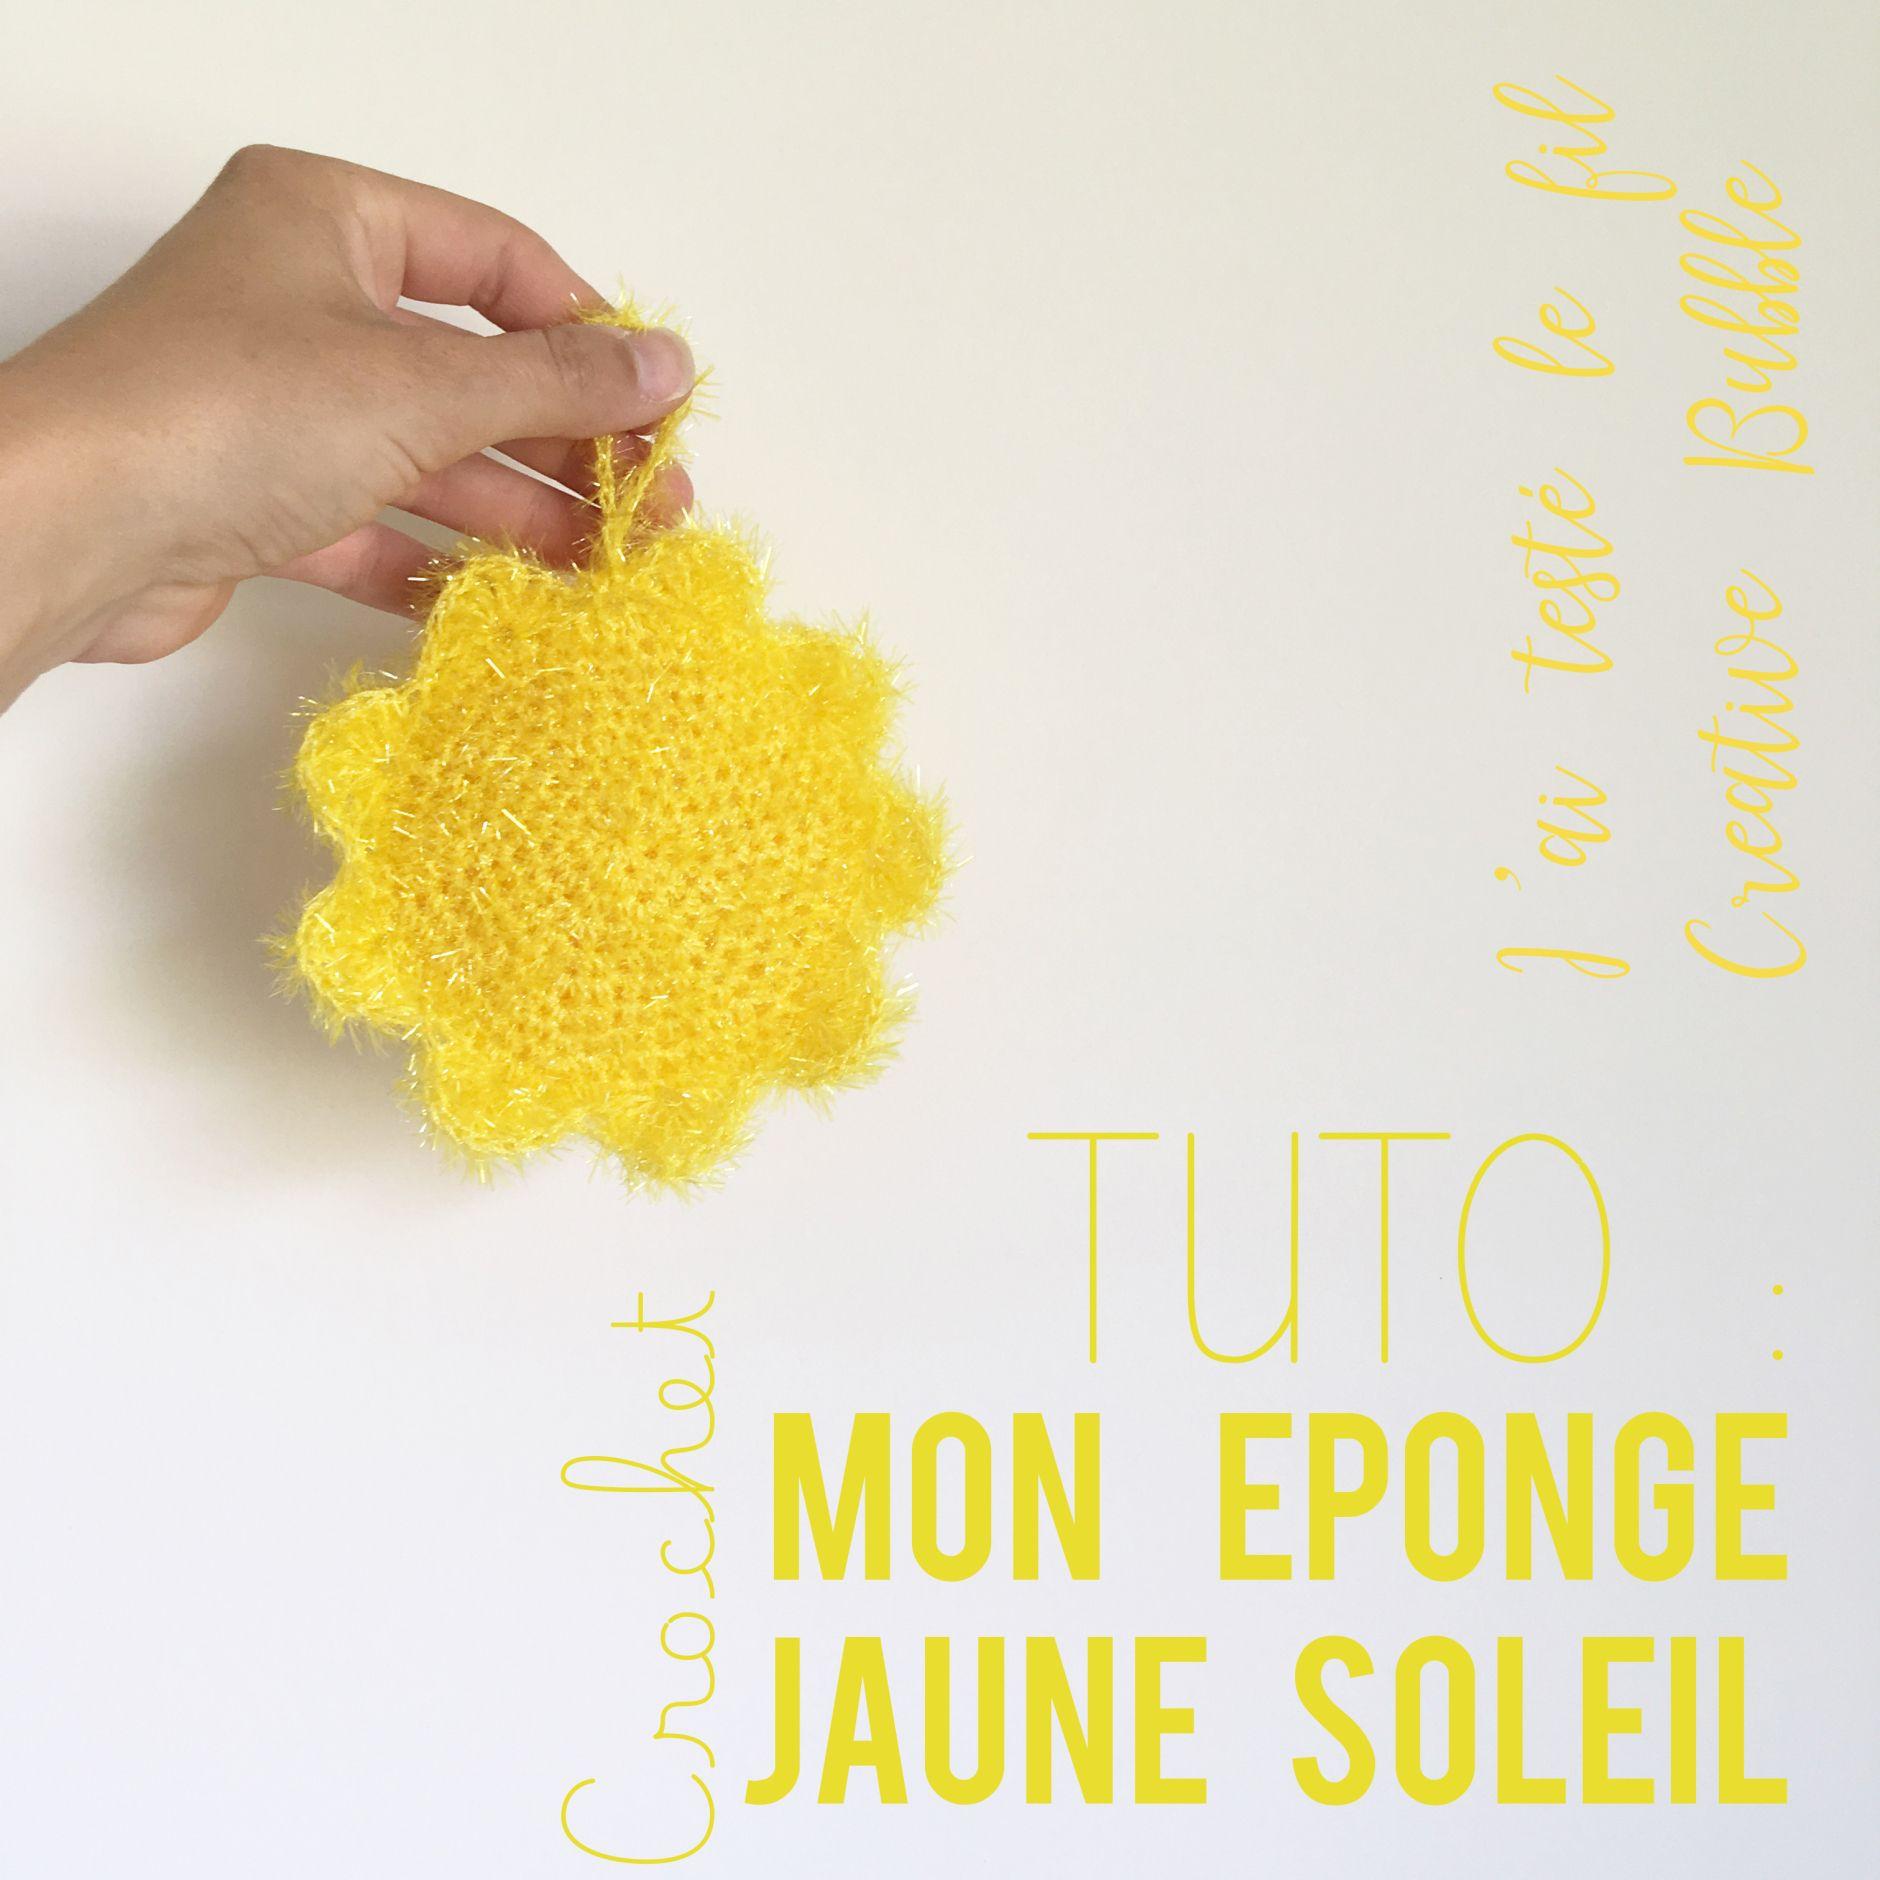 Tuto - Crocheter une éponge soleil avec le fil Creative Bubble Rico ...